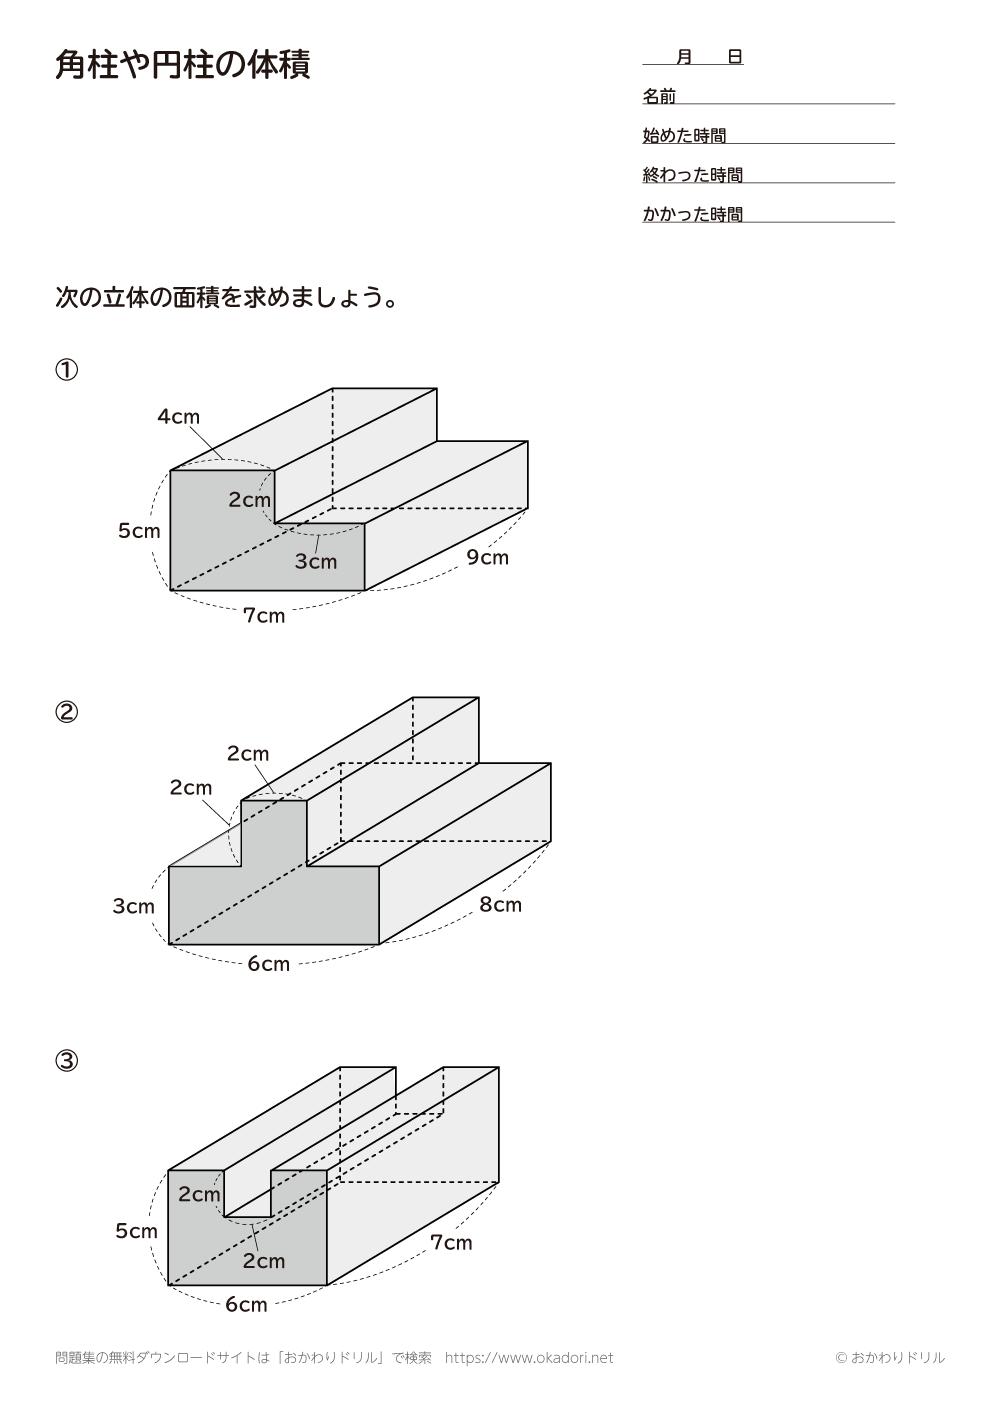 角柱や円柱の体積5